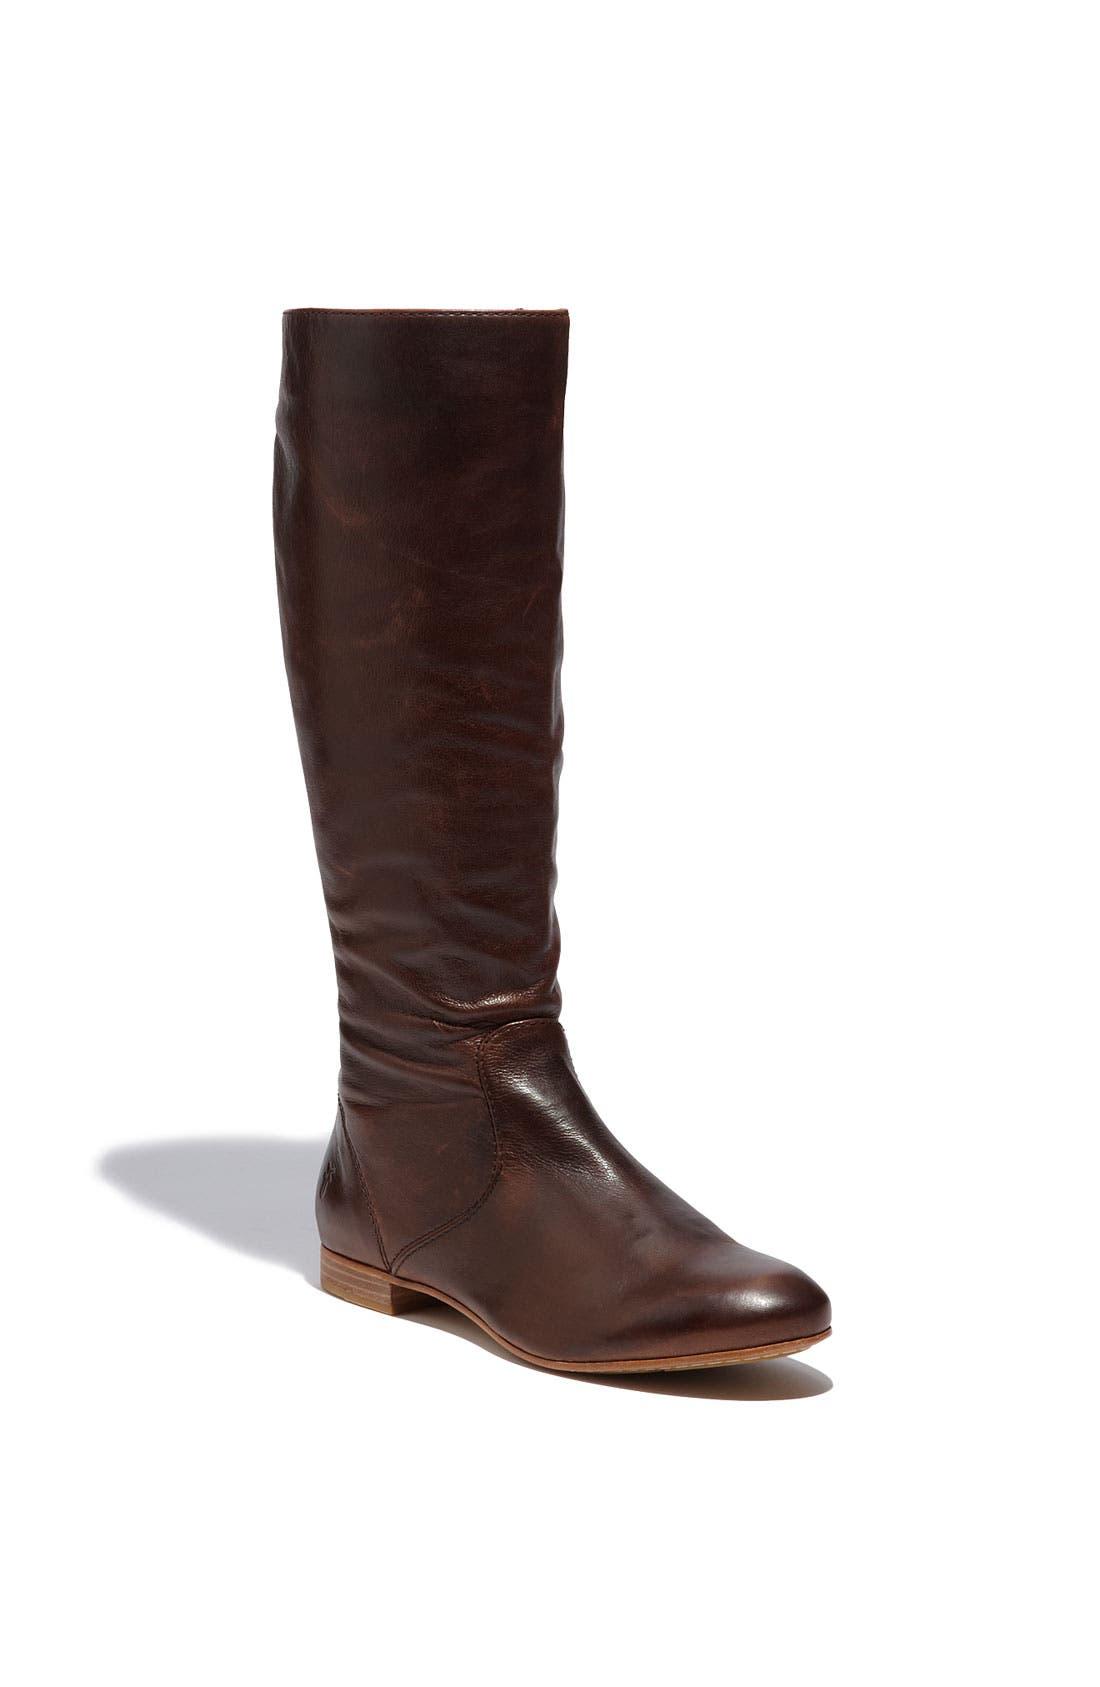 Alternate Image 1 Selected - Frye 'Jillian' Boot